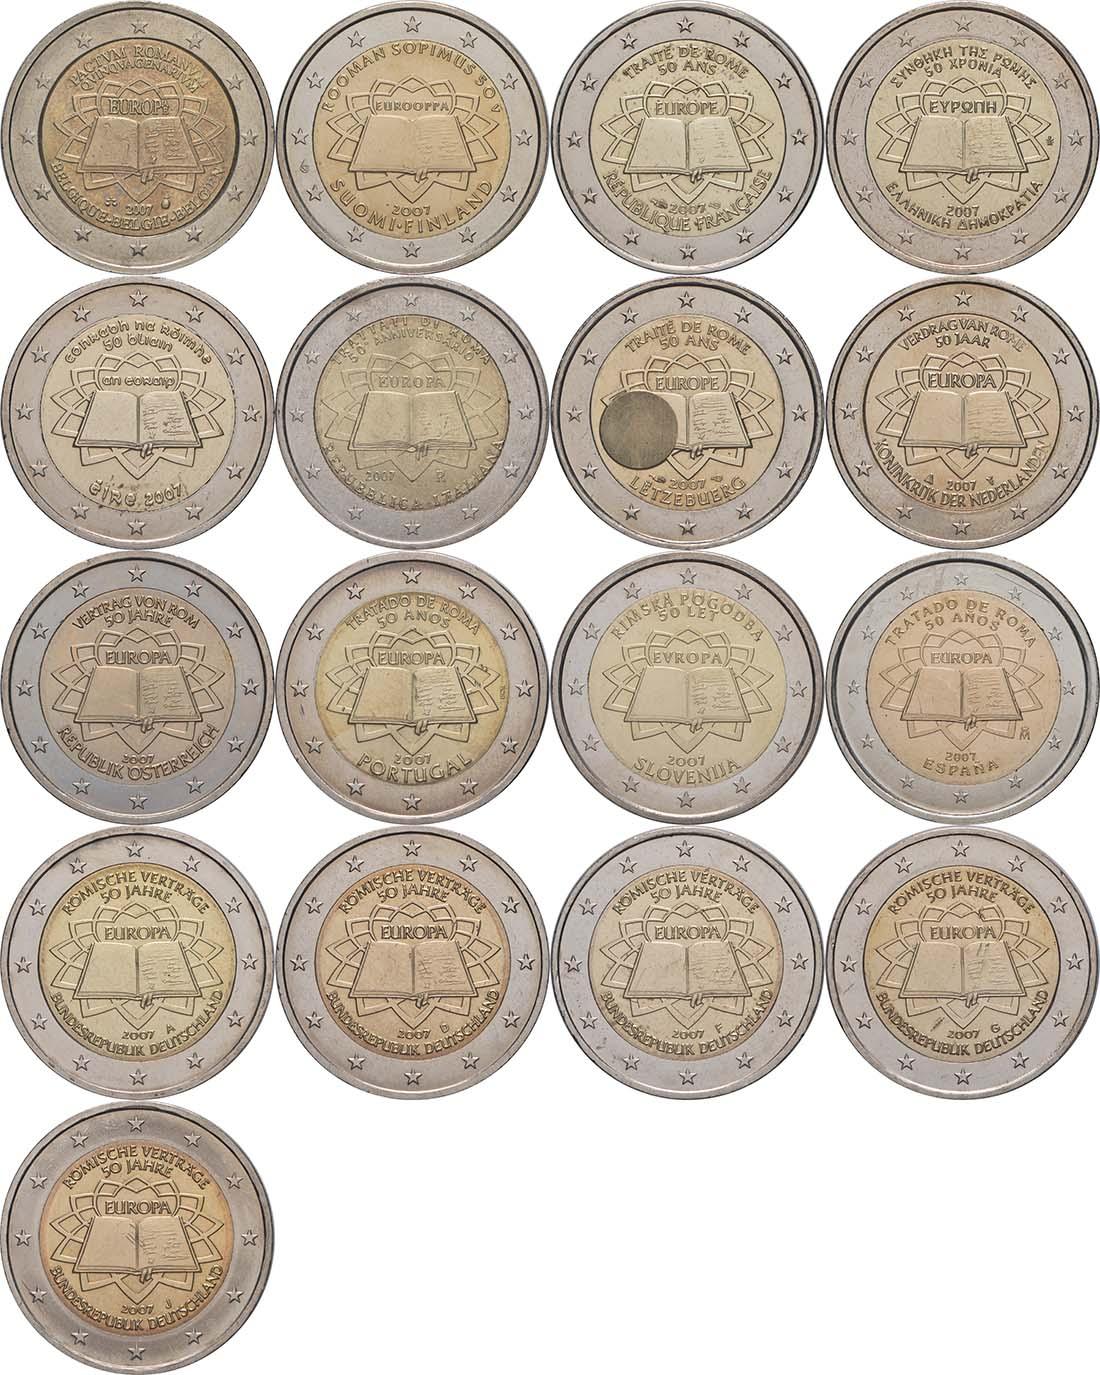 Lieferumfang:International : 2 Euro Römische Verträge, Set aus 16 Münzen = 12 Länder : Belgien, Deutschland (A,D,F,G,J), Finnland, Frankreich, Griechenland, Irland, Italien, Luxemburg, Niederlande, Österreich, Portugal, Spanien  2007 vz. 2 Euro Römische Verträge